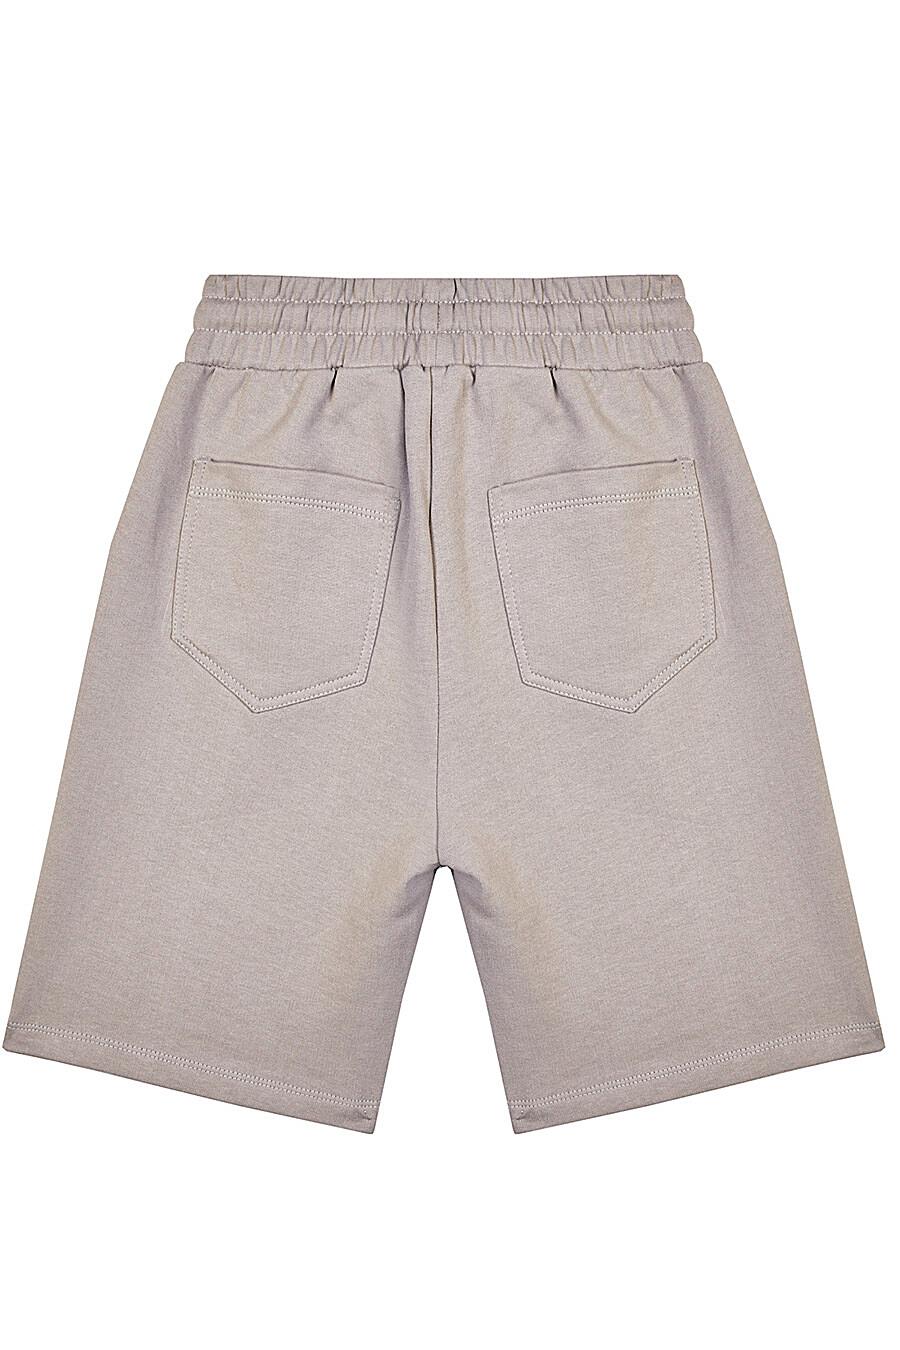 Костюм (Шорты+Свитшот) для мальчиков KOGANKIDS 682775 купить оптом от производителя. Совместная покупка детской одежды в OptMoyo